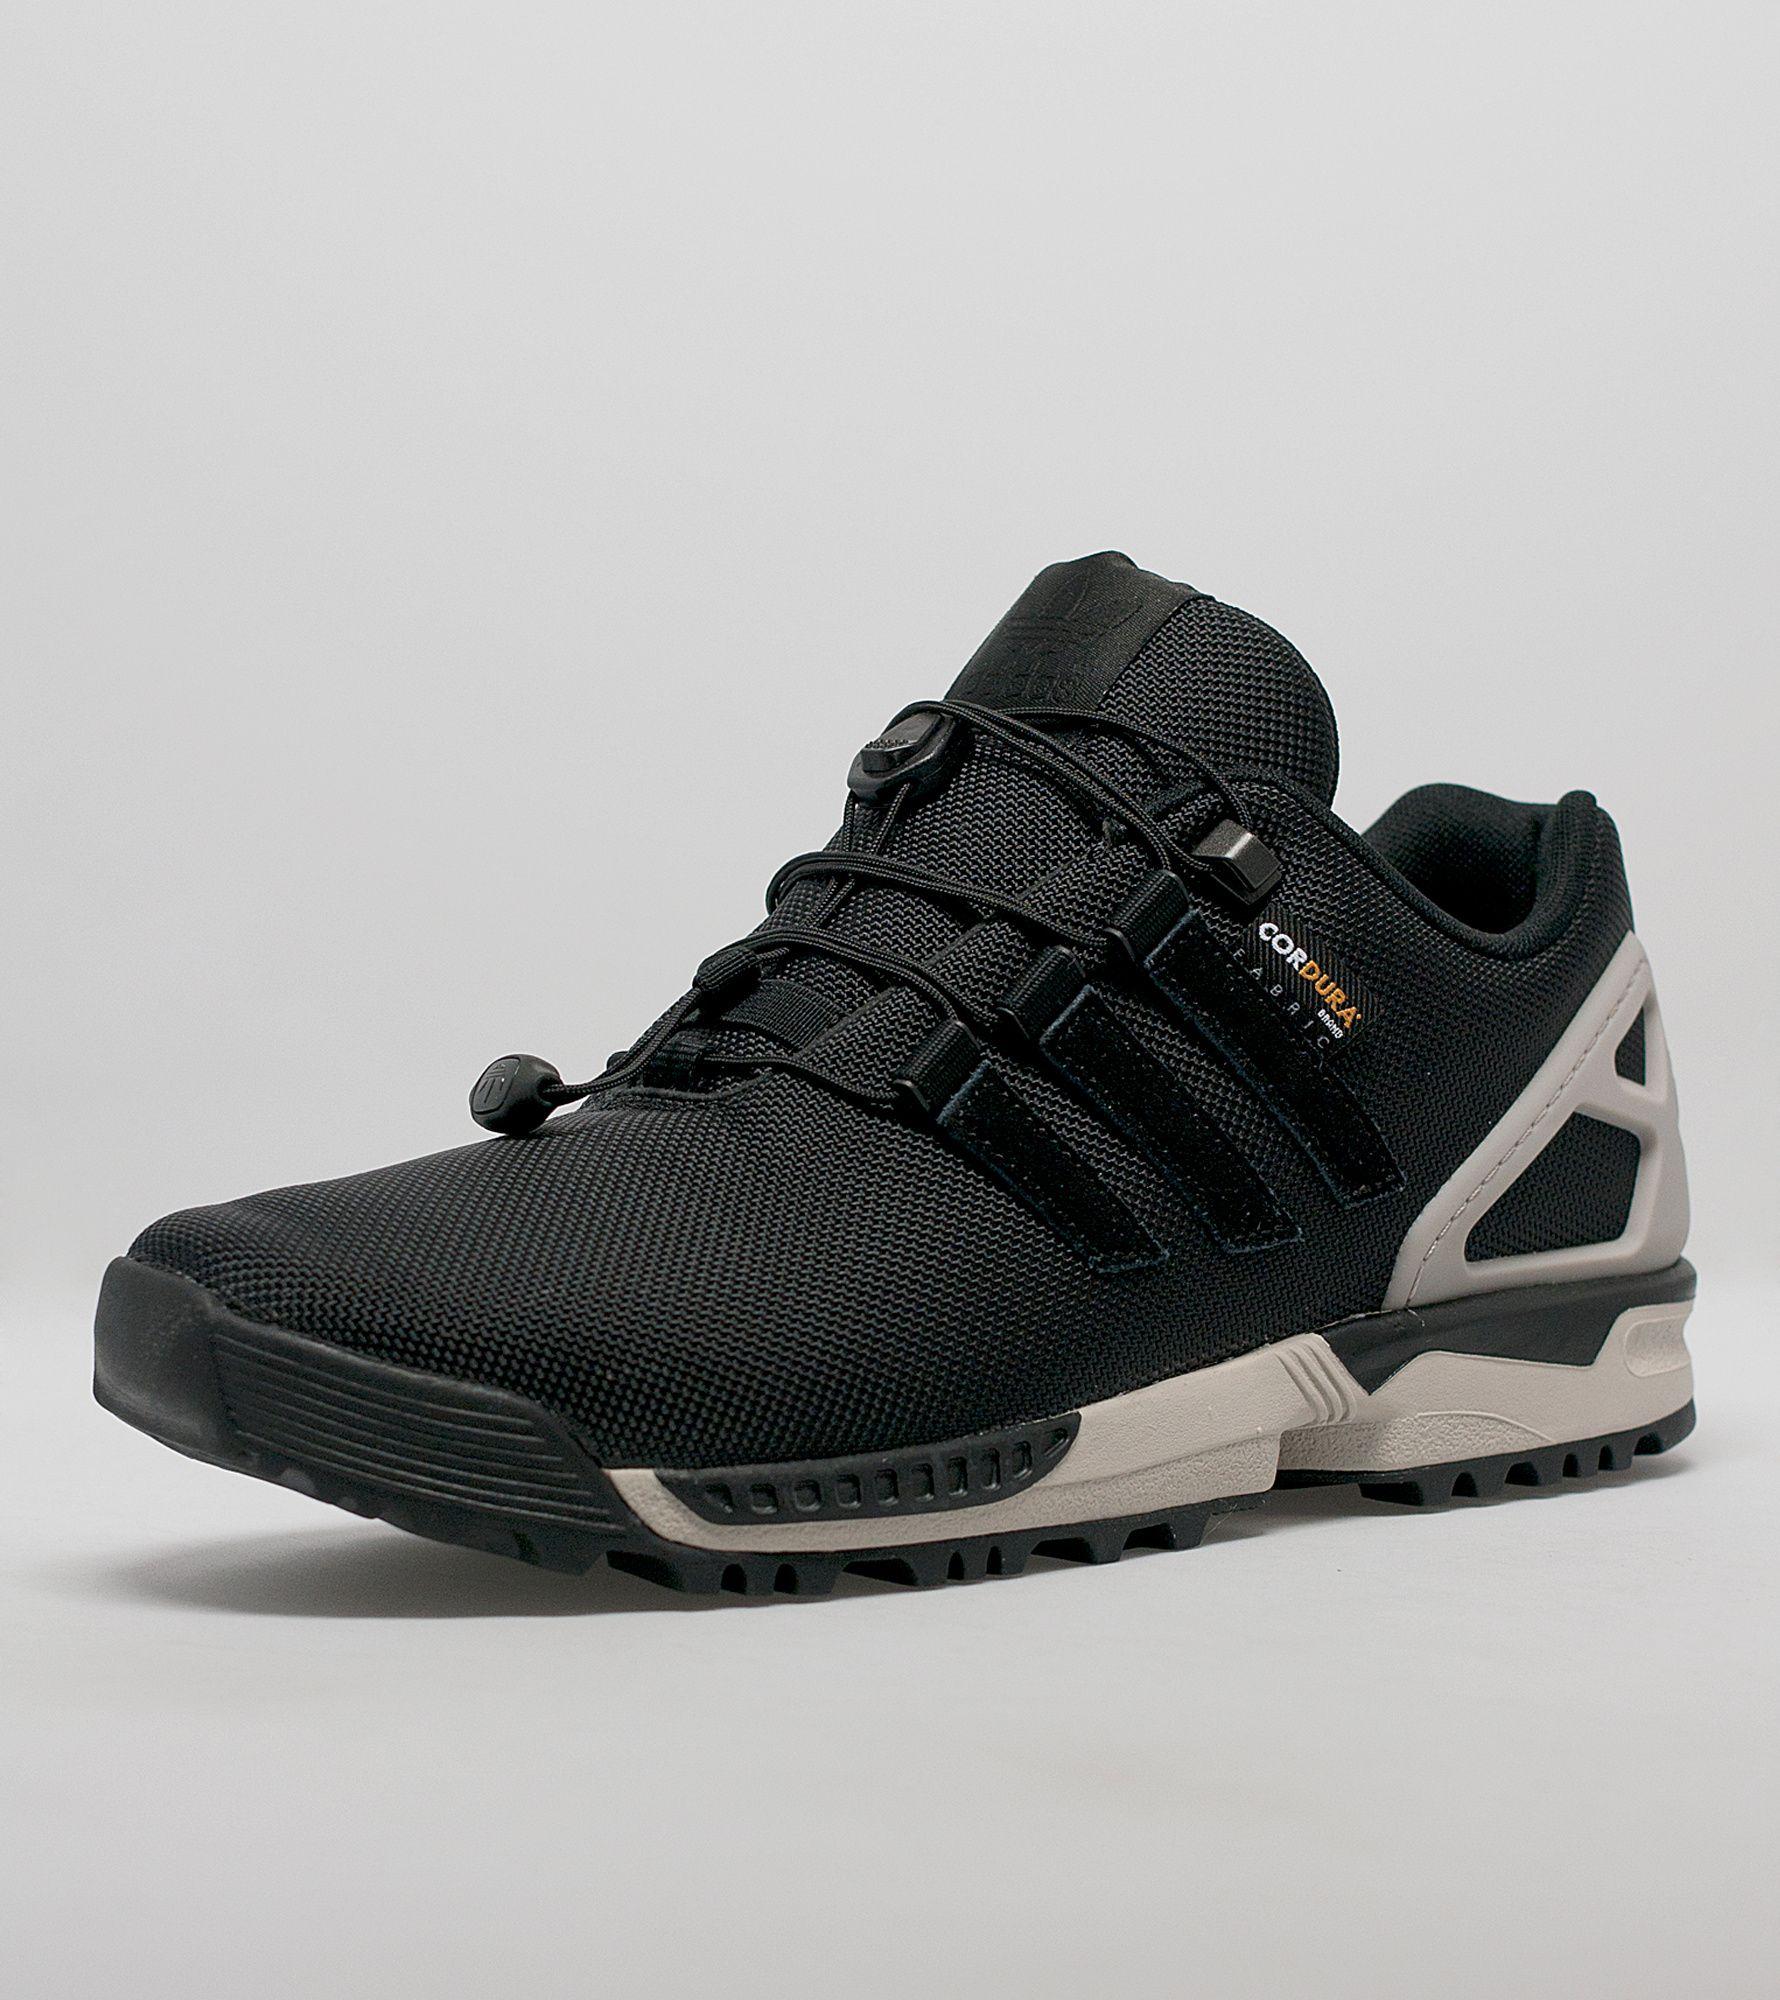 ¿Adidas Originals ZX flujo invierno talla?